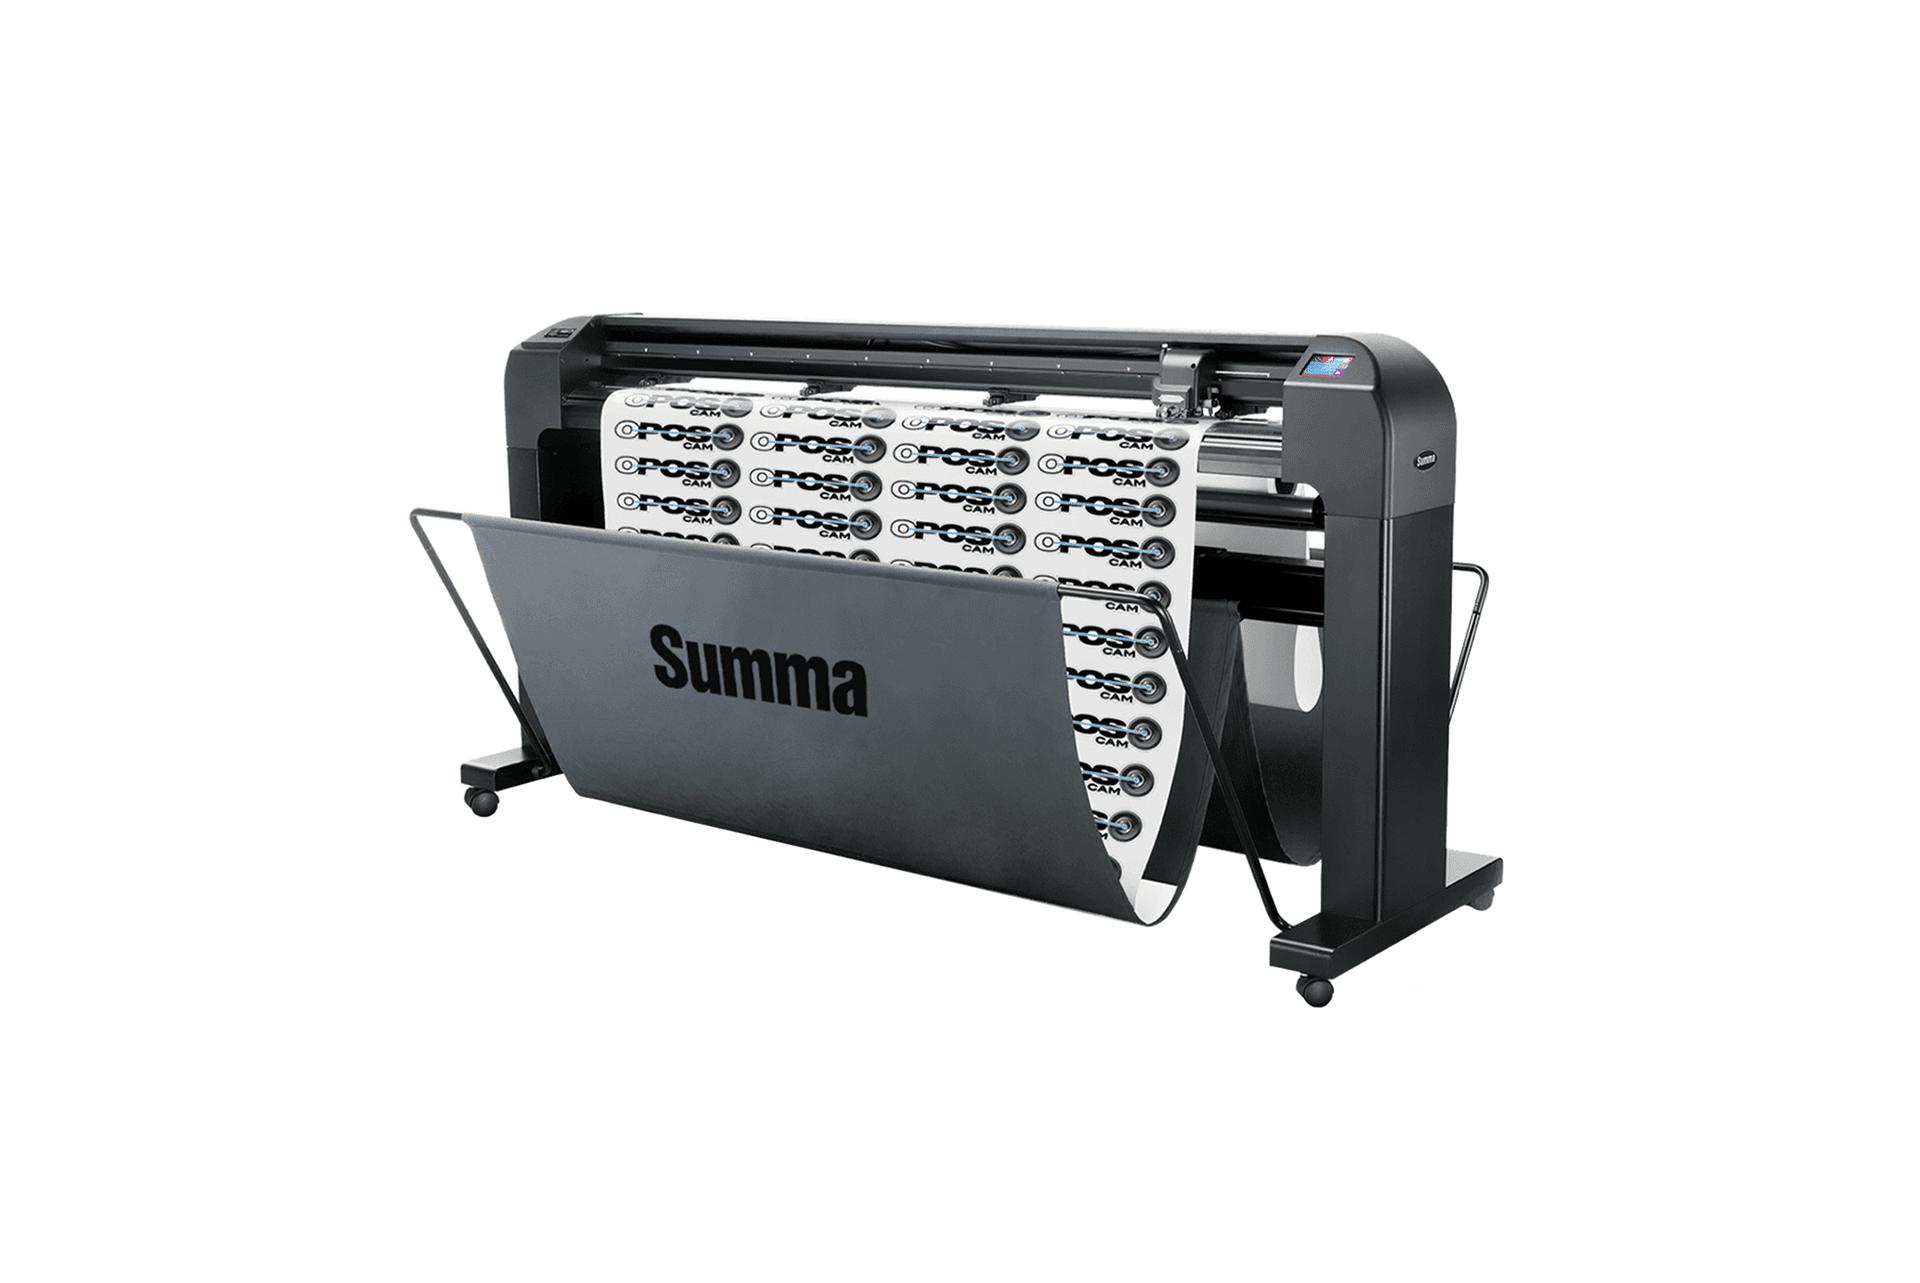 maskinene-summa-s140